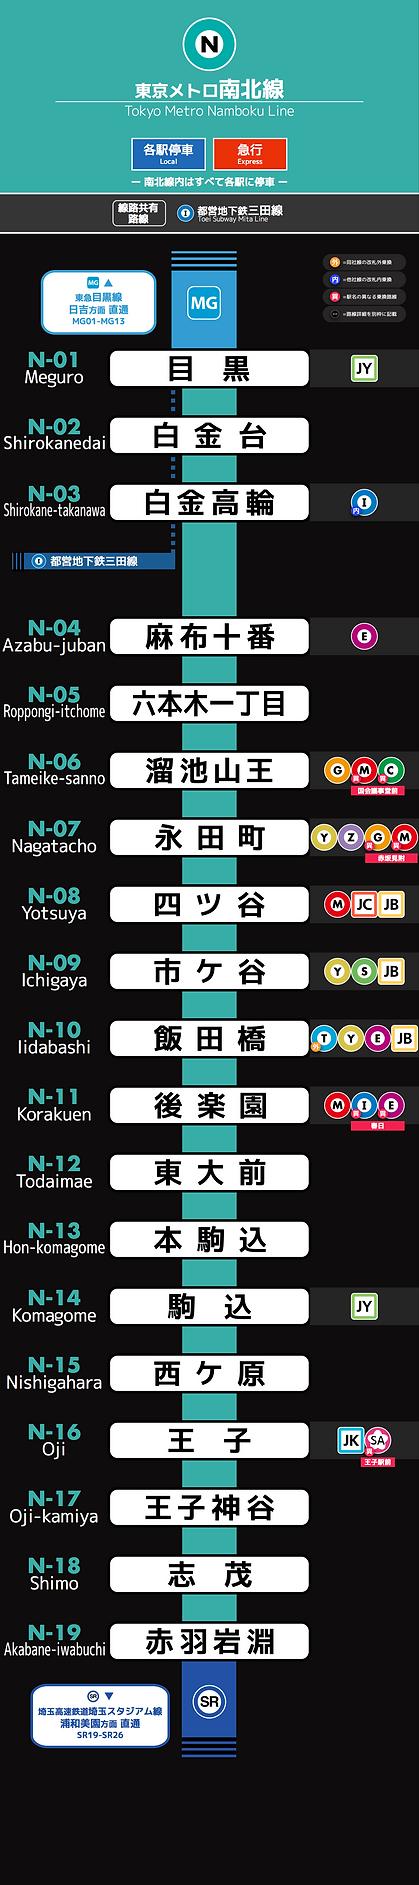 東京メトロ南北線_2019-05-25.png